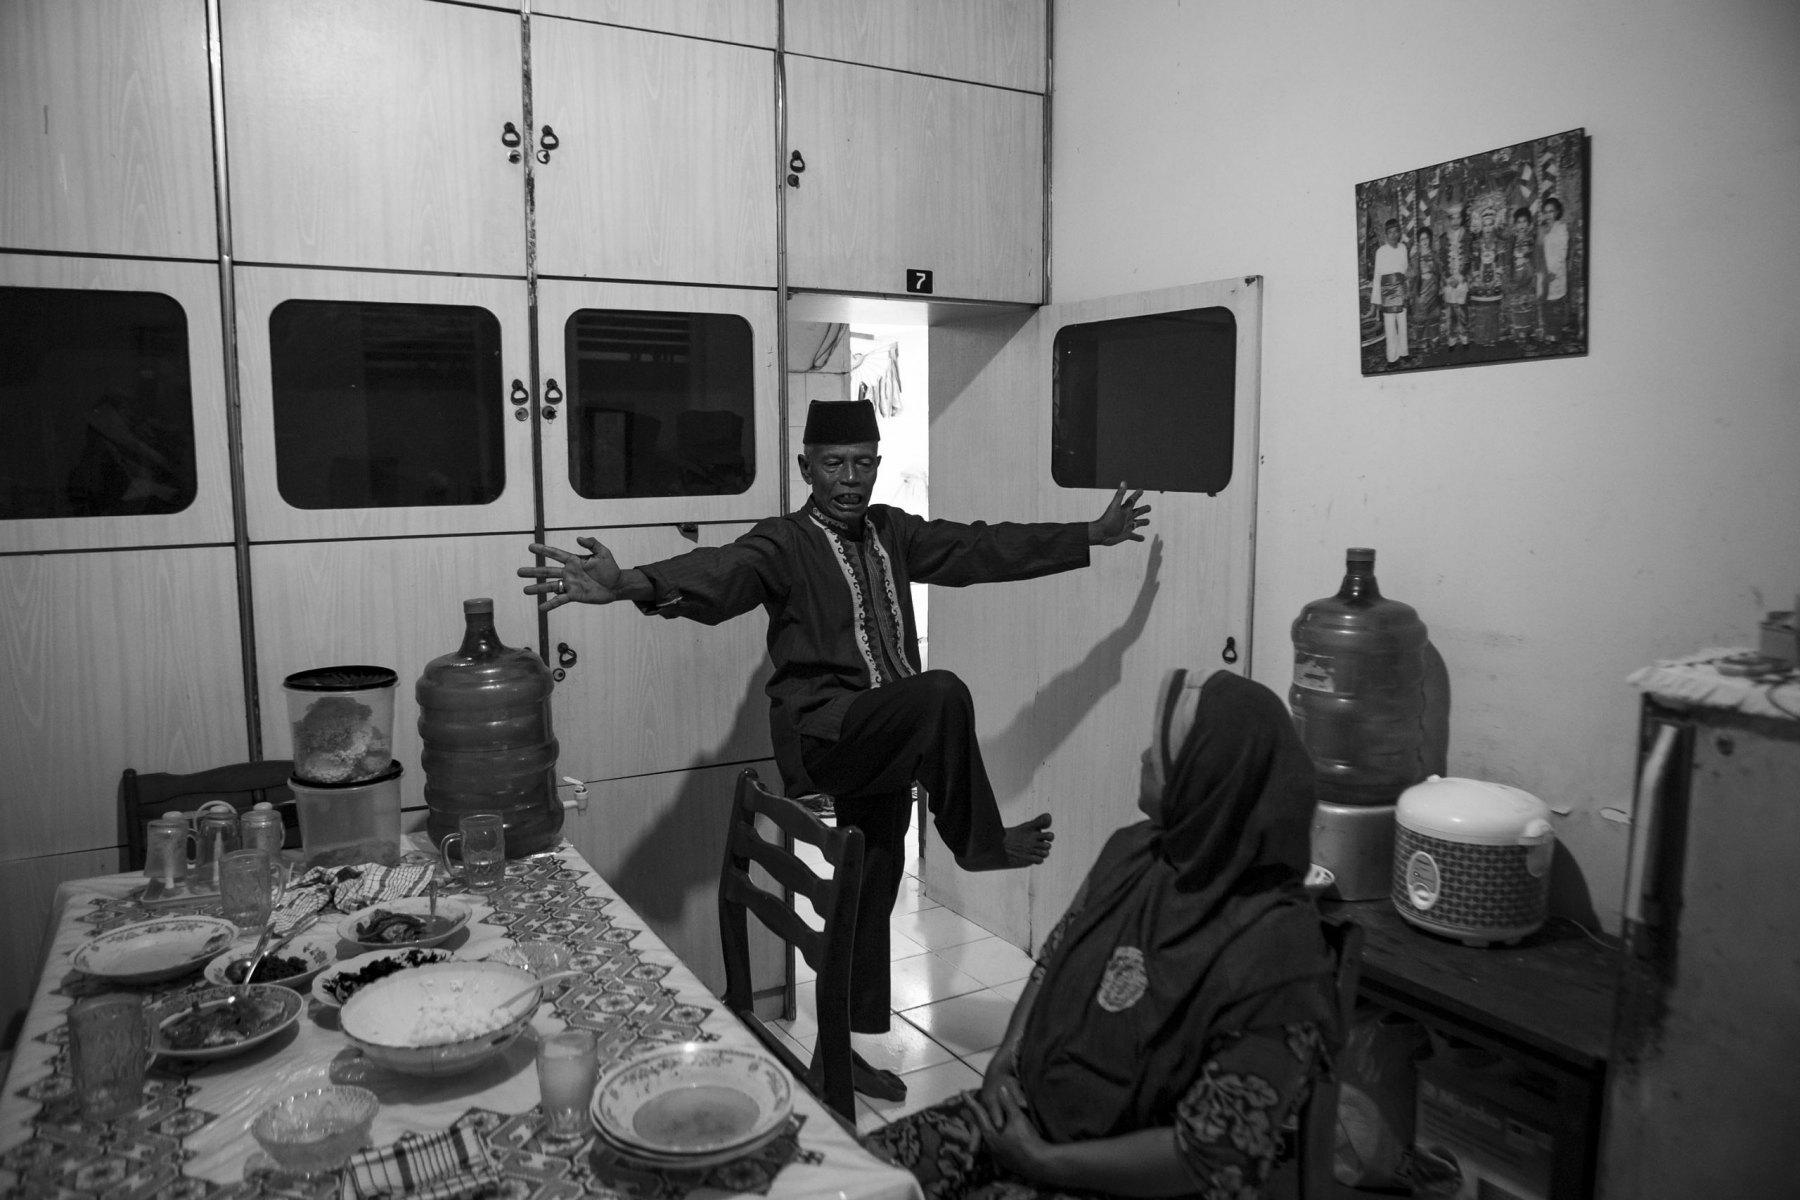 """Muhajirin Tanjung mengajarkan salah satu Jurus Silek Tuo, bernama """"Tagak Ba"""". Muhajirin adalah guru silat atau Tio Silek. Sejatinya silat diajarkan kepada murid dalam rutinitas kehidupan sehari-hari. Dahulunya sang murid akan mengikuti setiap kegiatan sang guru tiap hari dan guru akan menurunkan ilmu silatnya kapan pun dia mau. Terkadang di tengah sawah atau setelah makan. Sang murid harus siap kapan saja."""